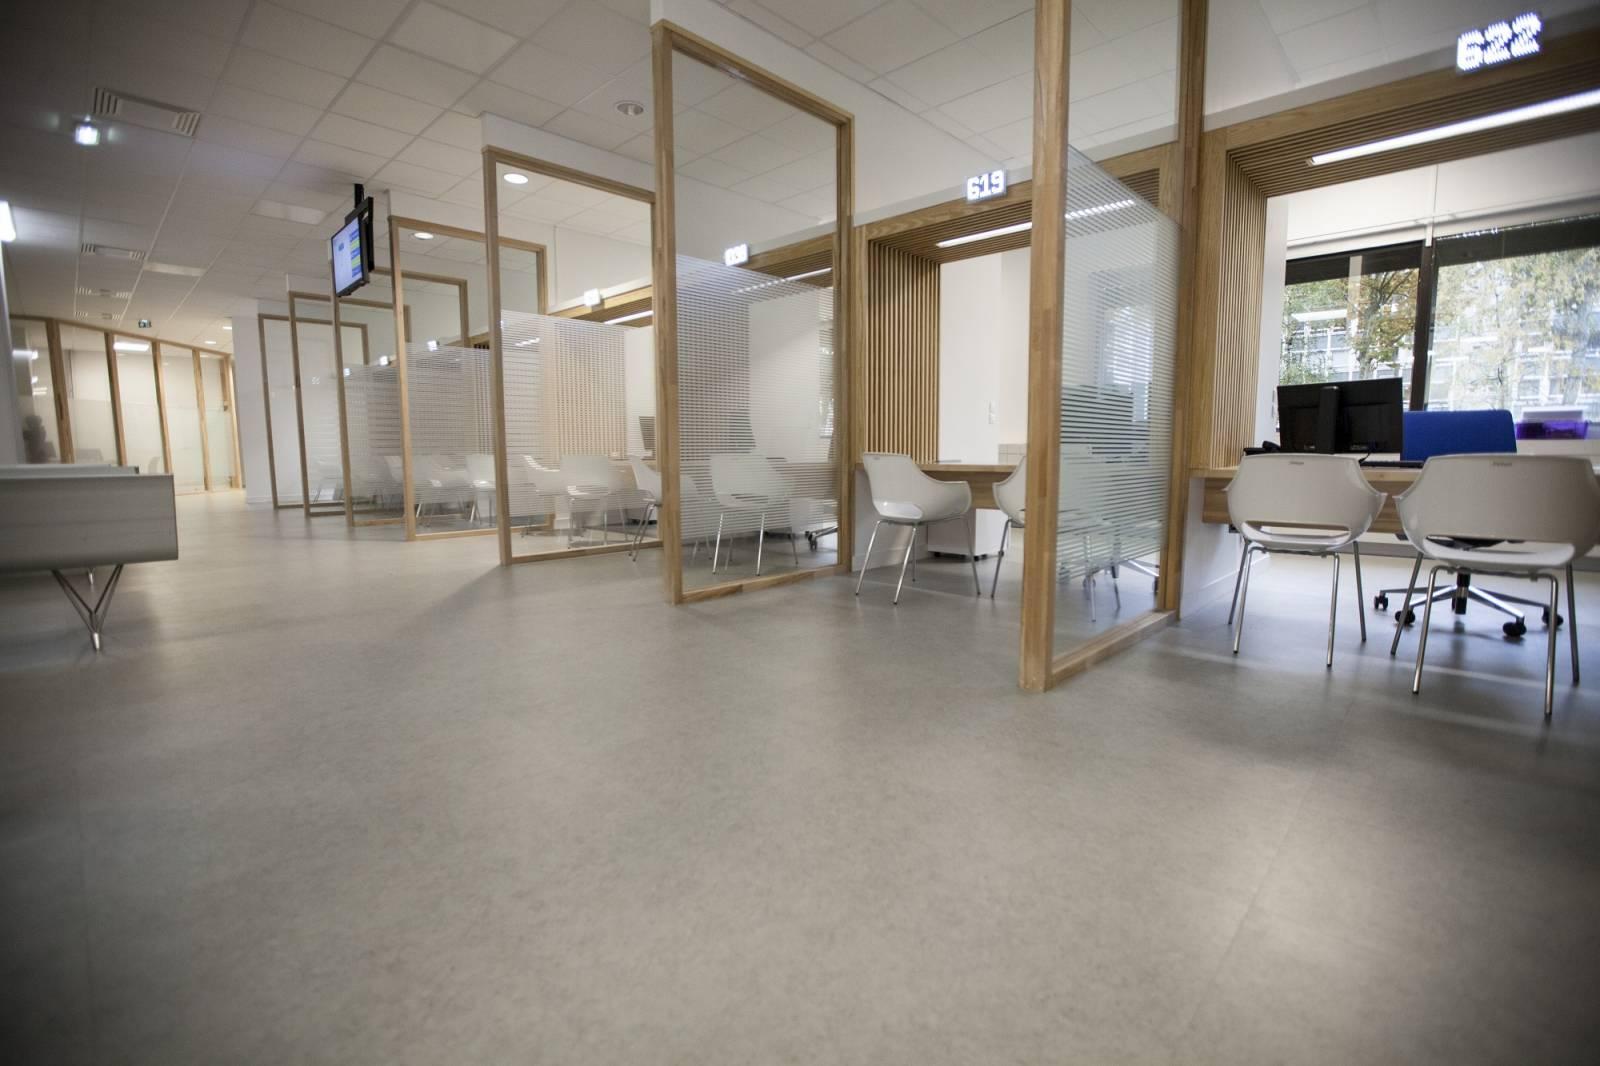 entreprise renovation interieur free design dintrieur with entreprise renovation interieur. Black Bedroom Furniture Sets. Home Design Ideas